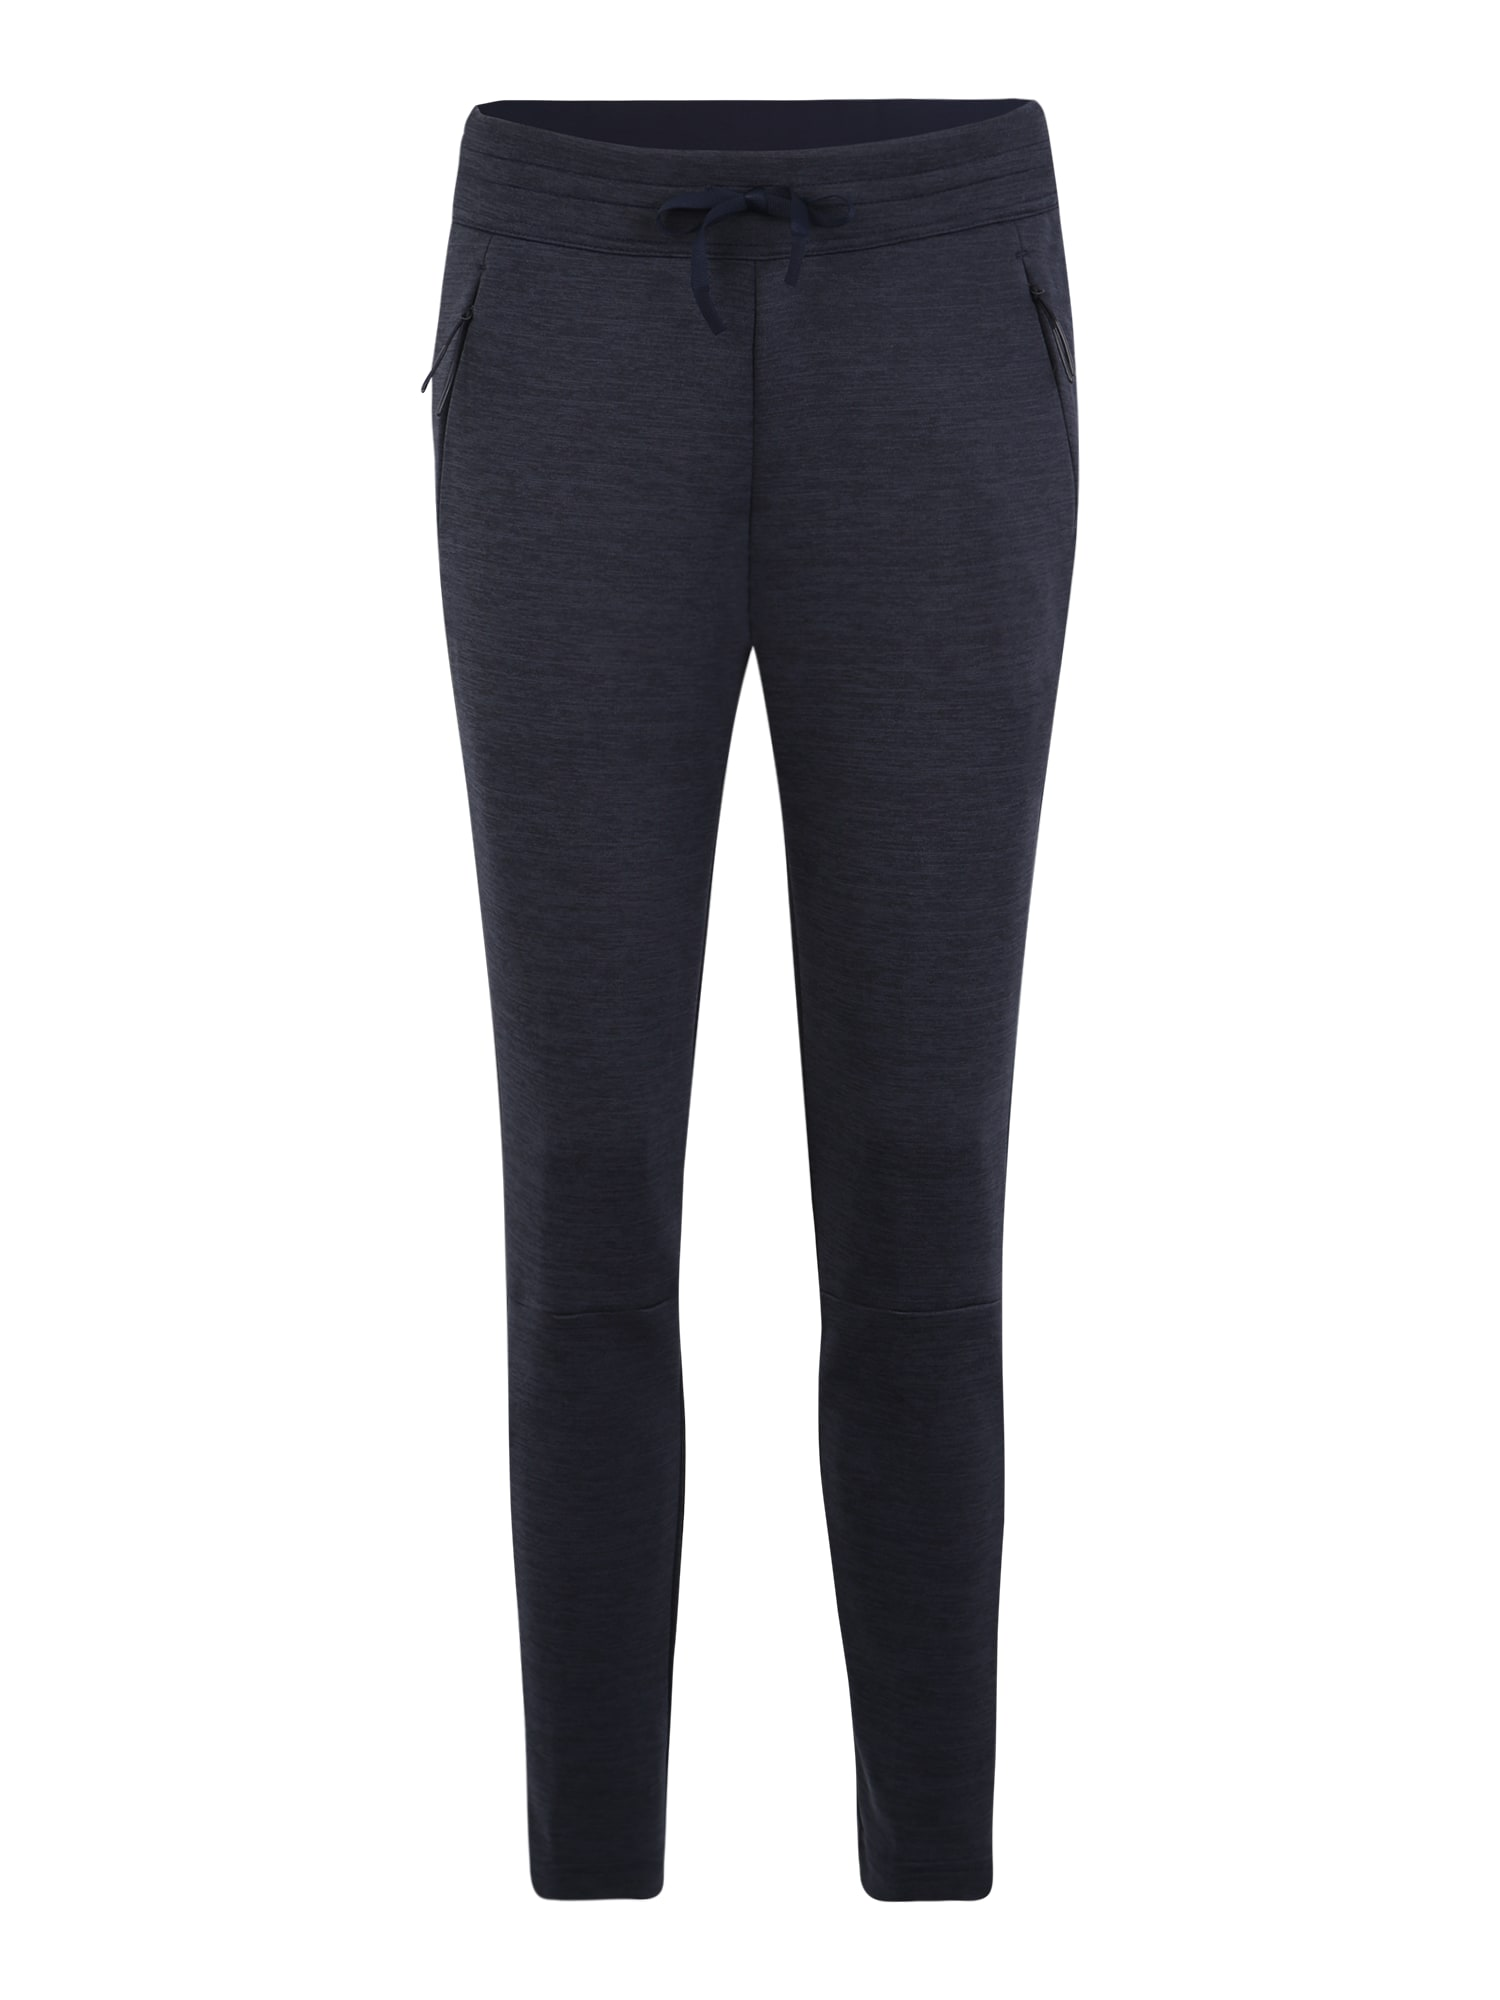 Sportovní kalhoty tmavě modrá ADIDAS PERFORMANCE